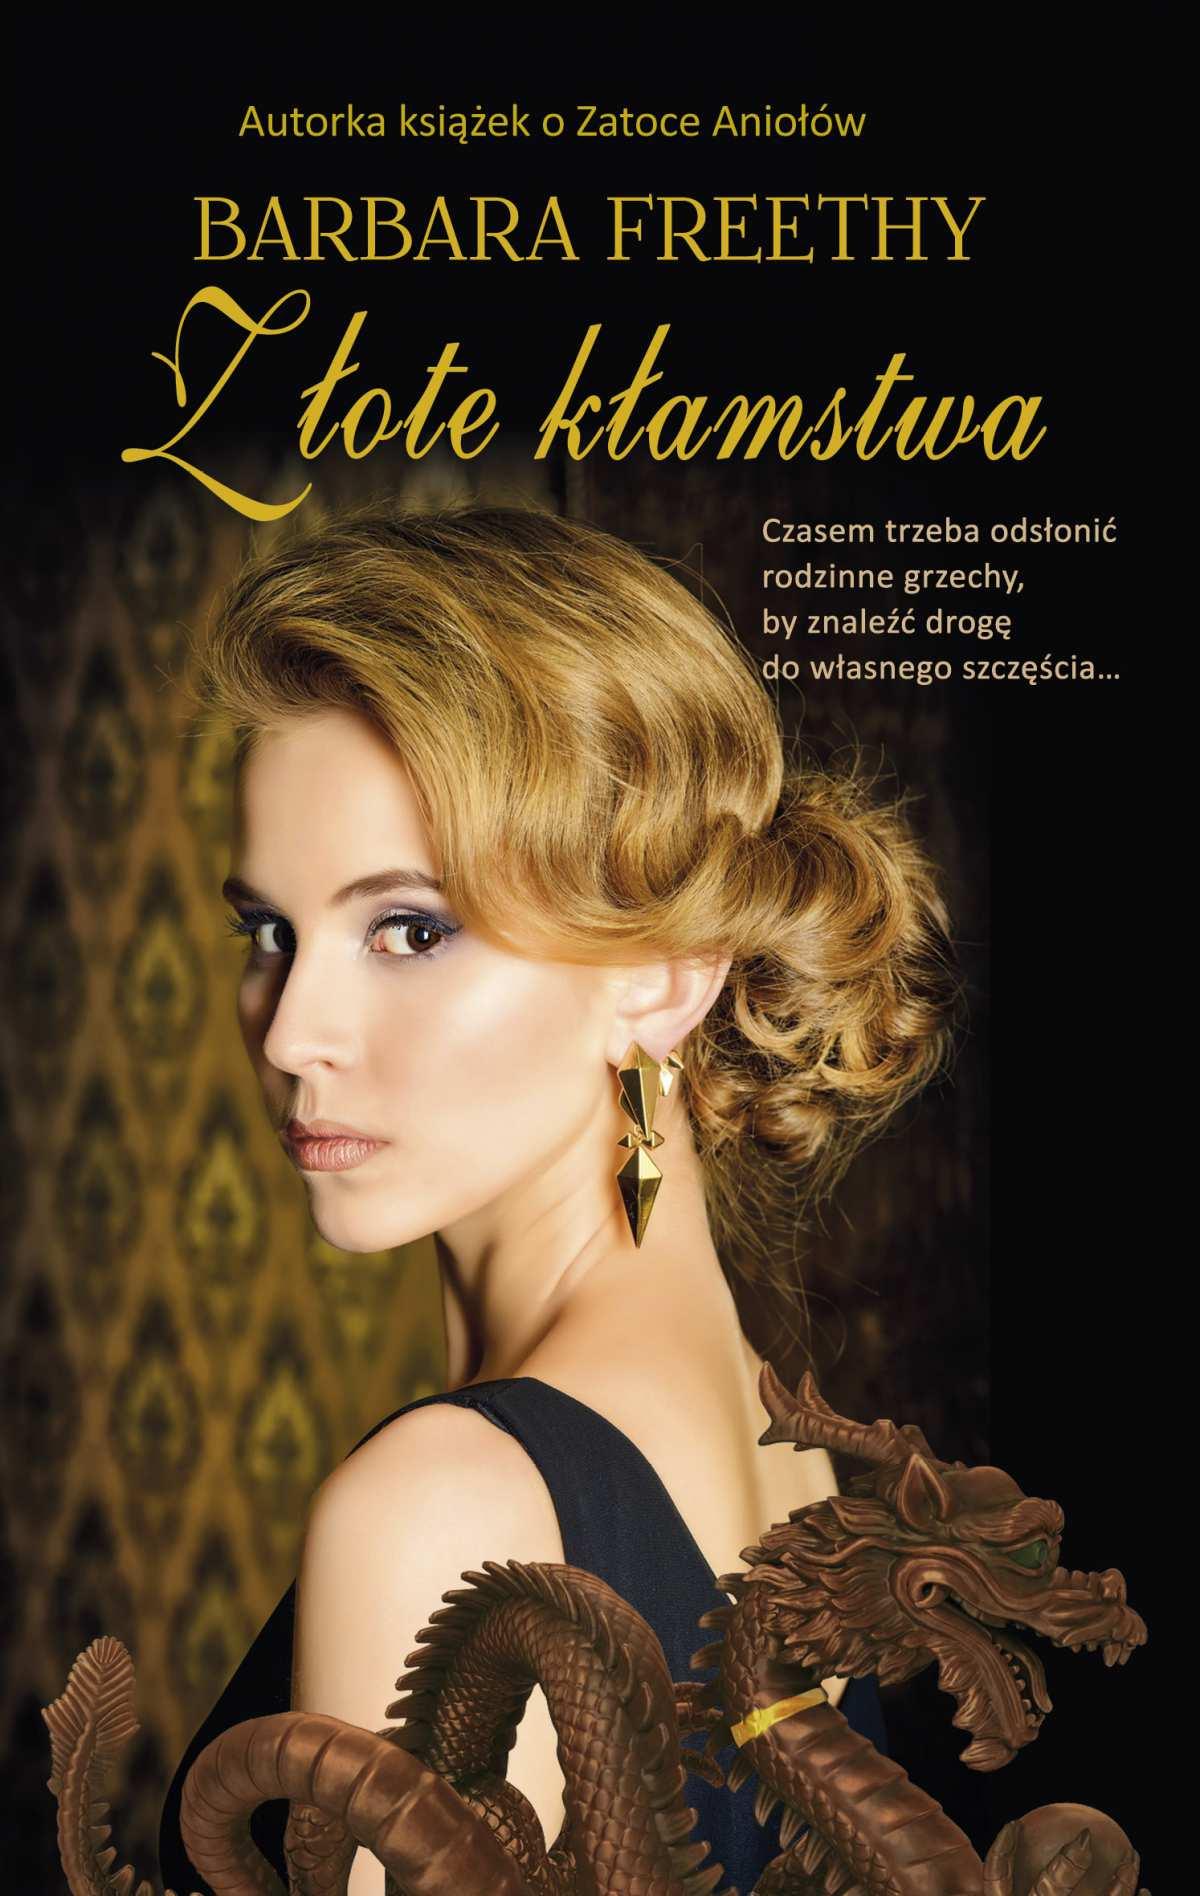 Złote kłamstwa - Ebook (Książka na Kindle) do pobrania w formacie MOBI